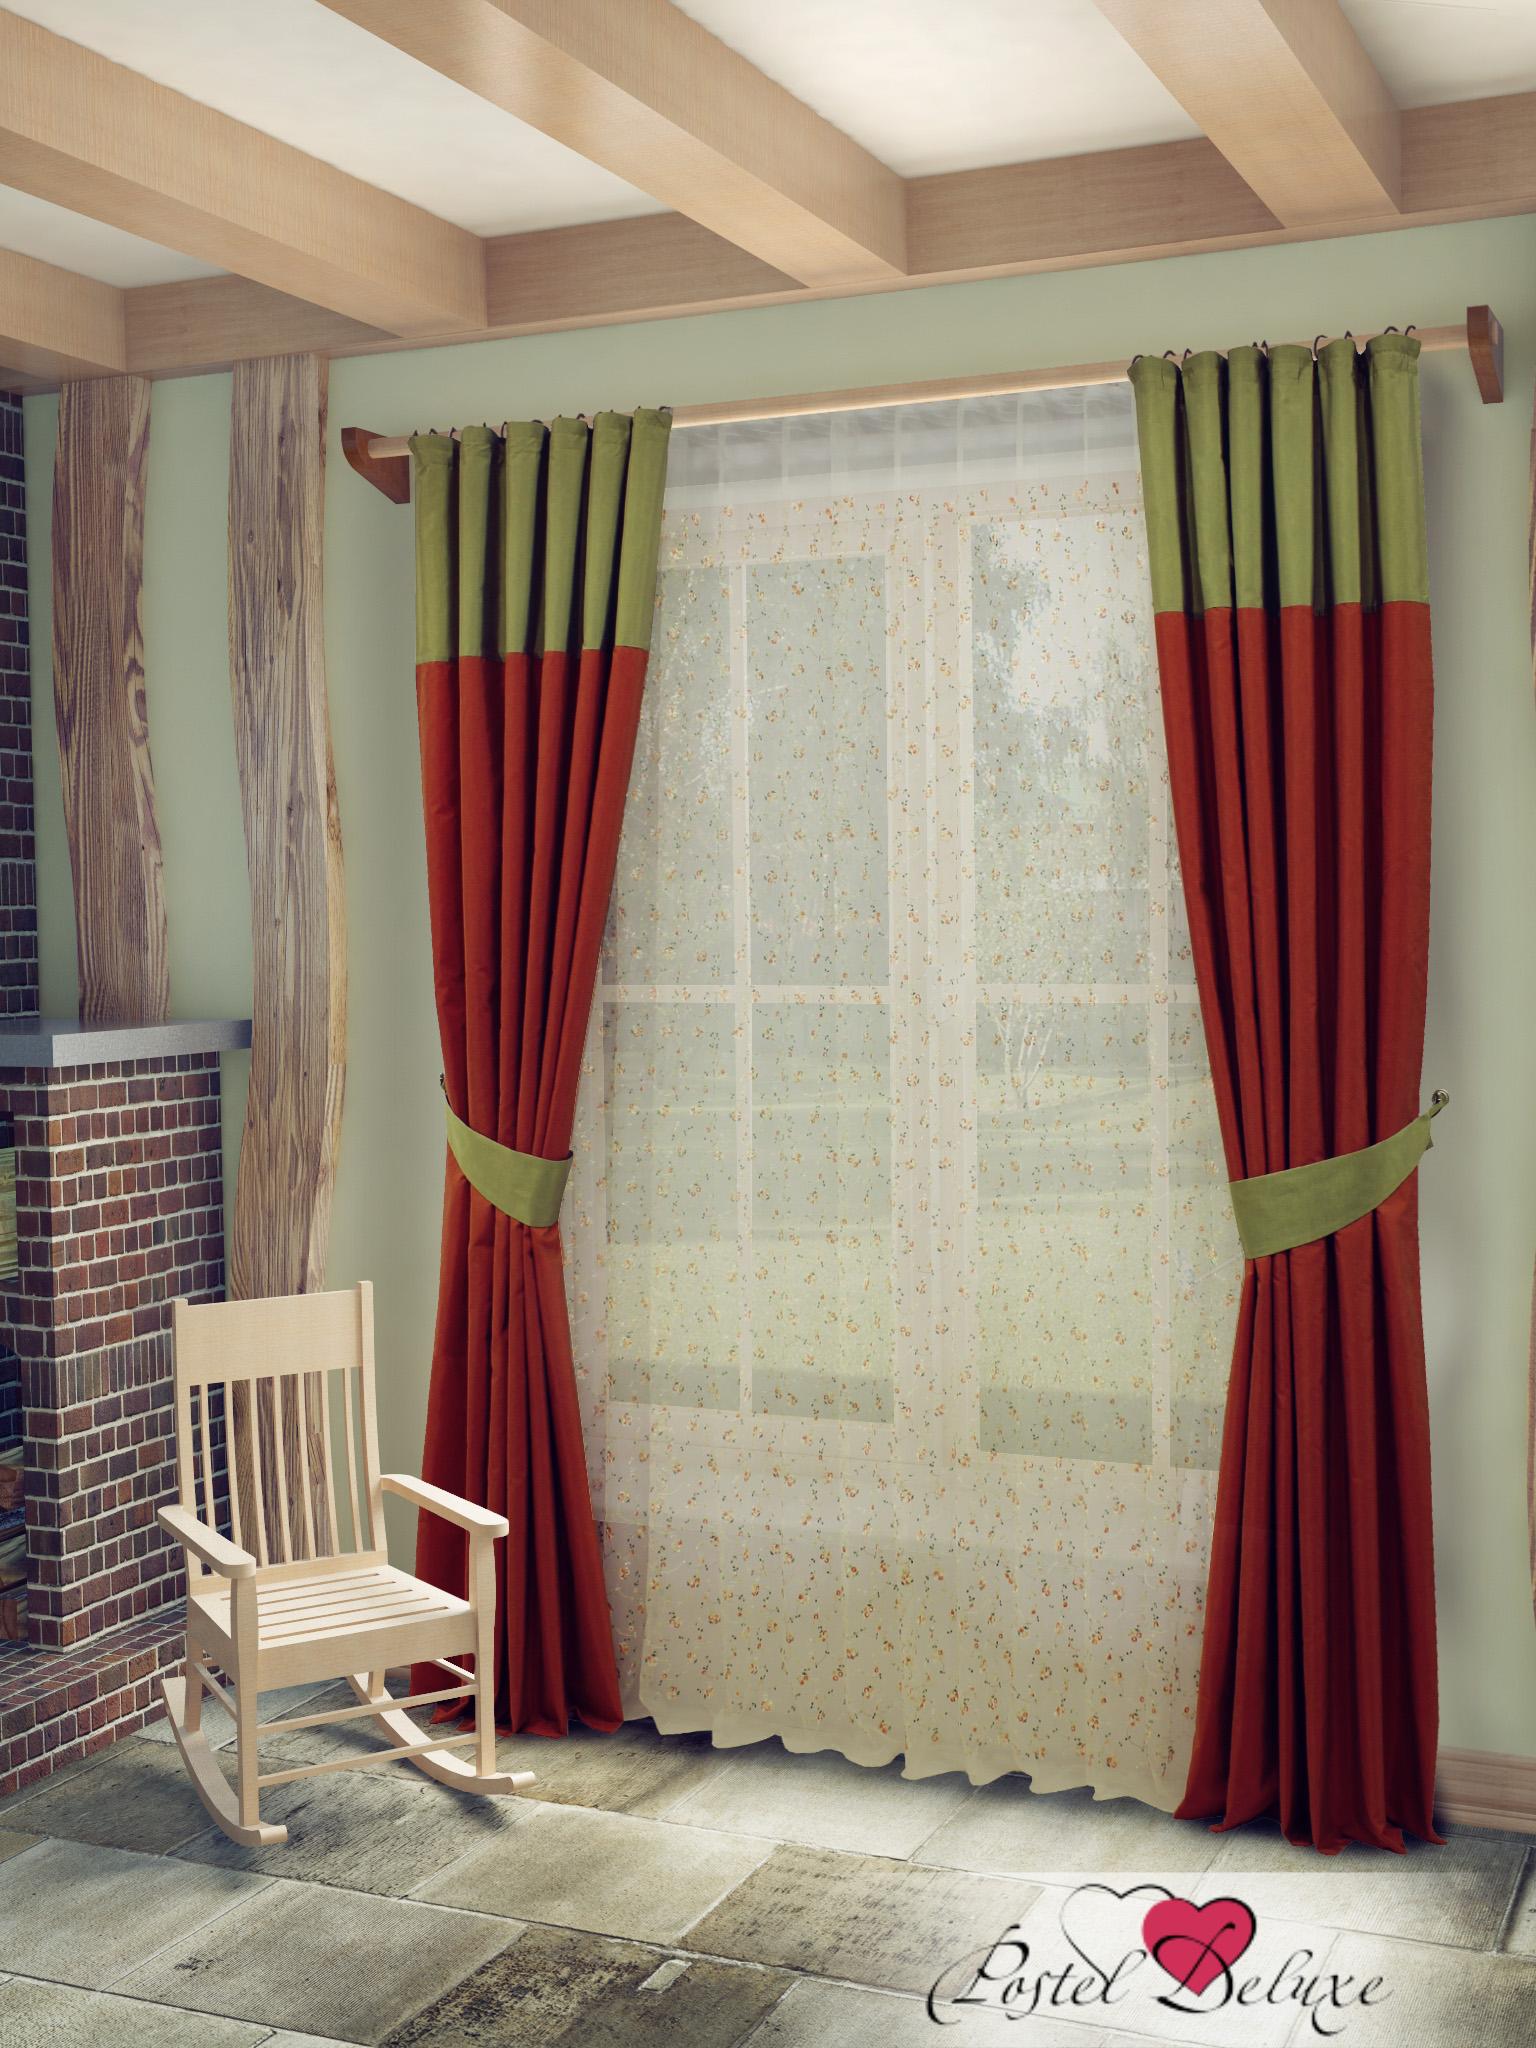 Шторы Sanpa Классические шторы Берна Цвет: Зелено-Терракотовый шторы tac классические шторы winx цвет персиковый 200x265 см